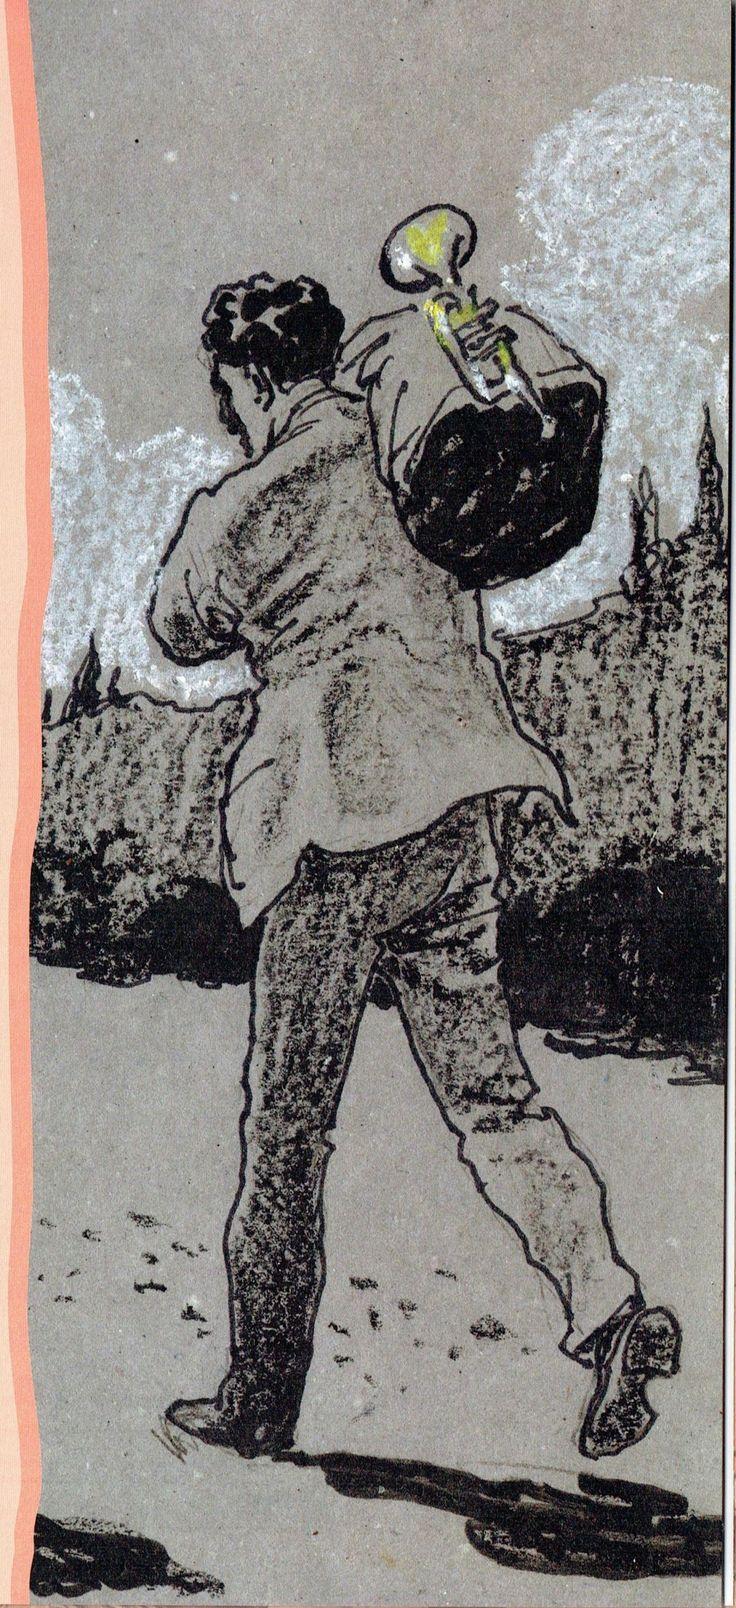 Manara Maestro dell'Eros-Vol. 24, Il Trombettiere-143